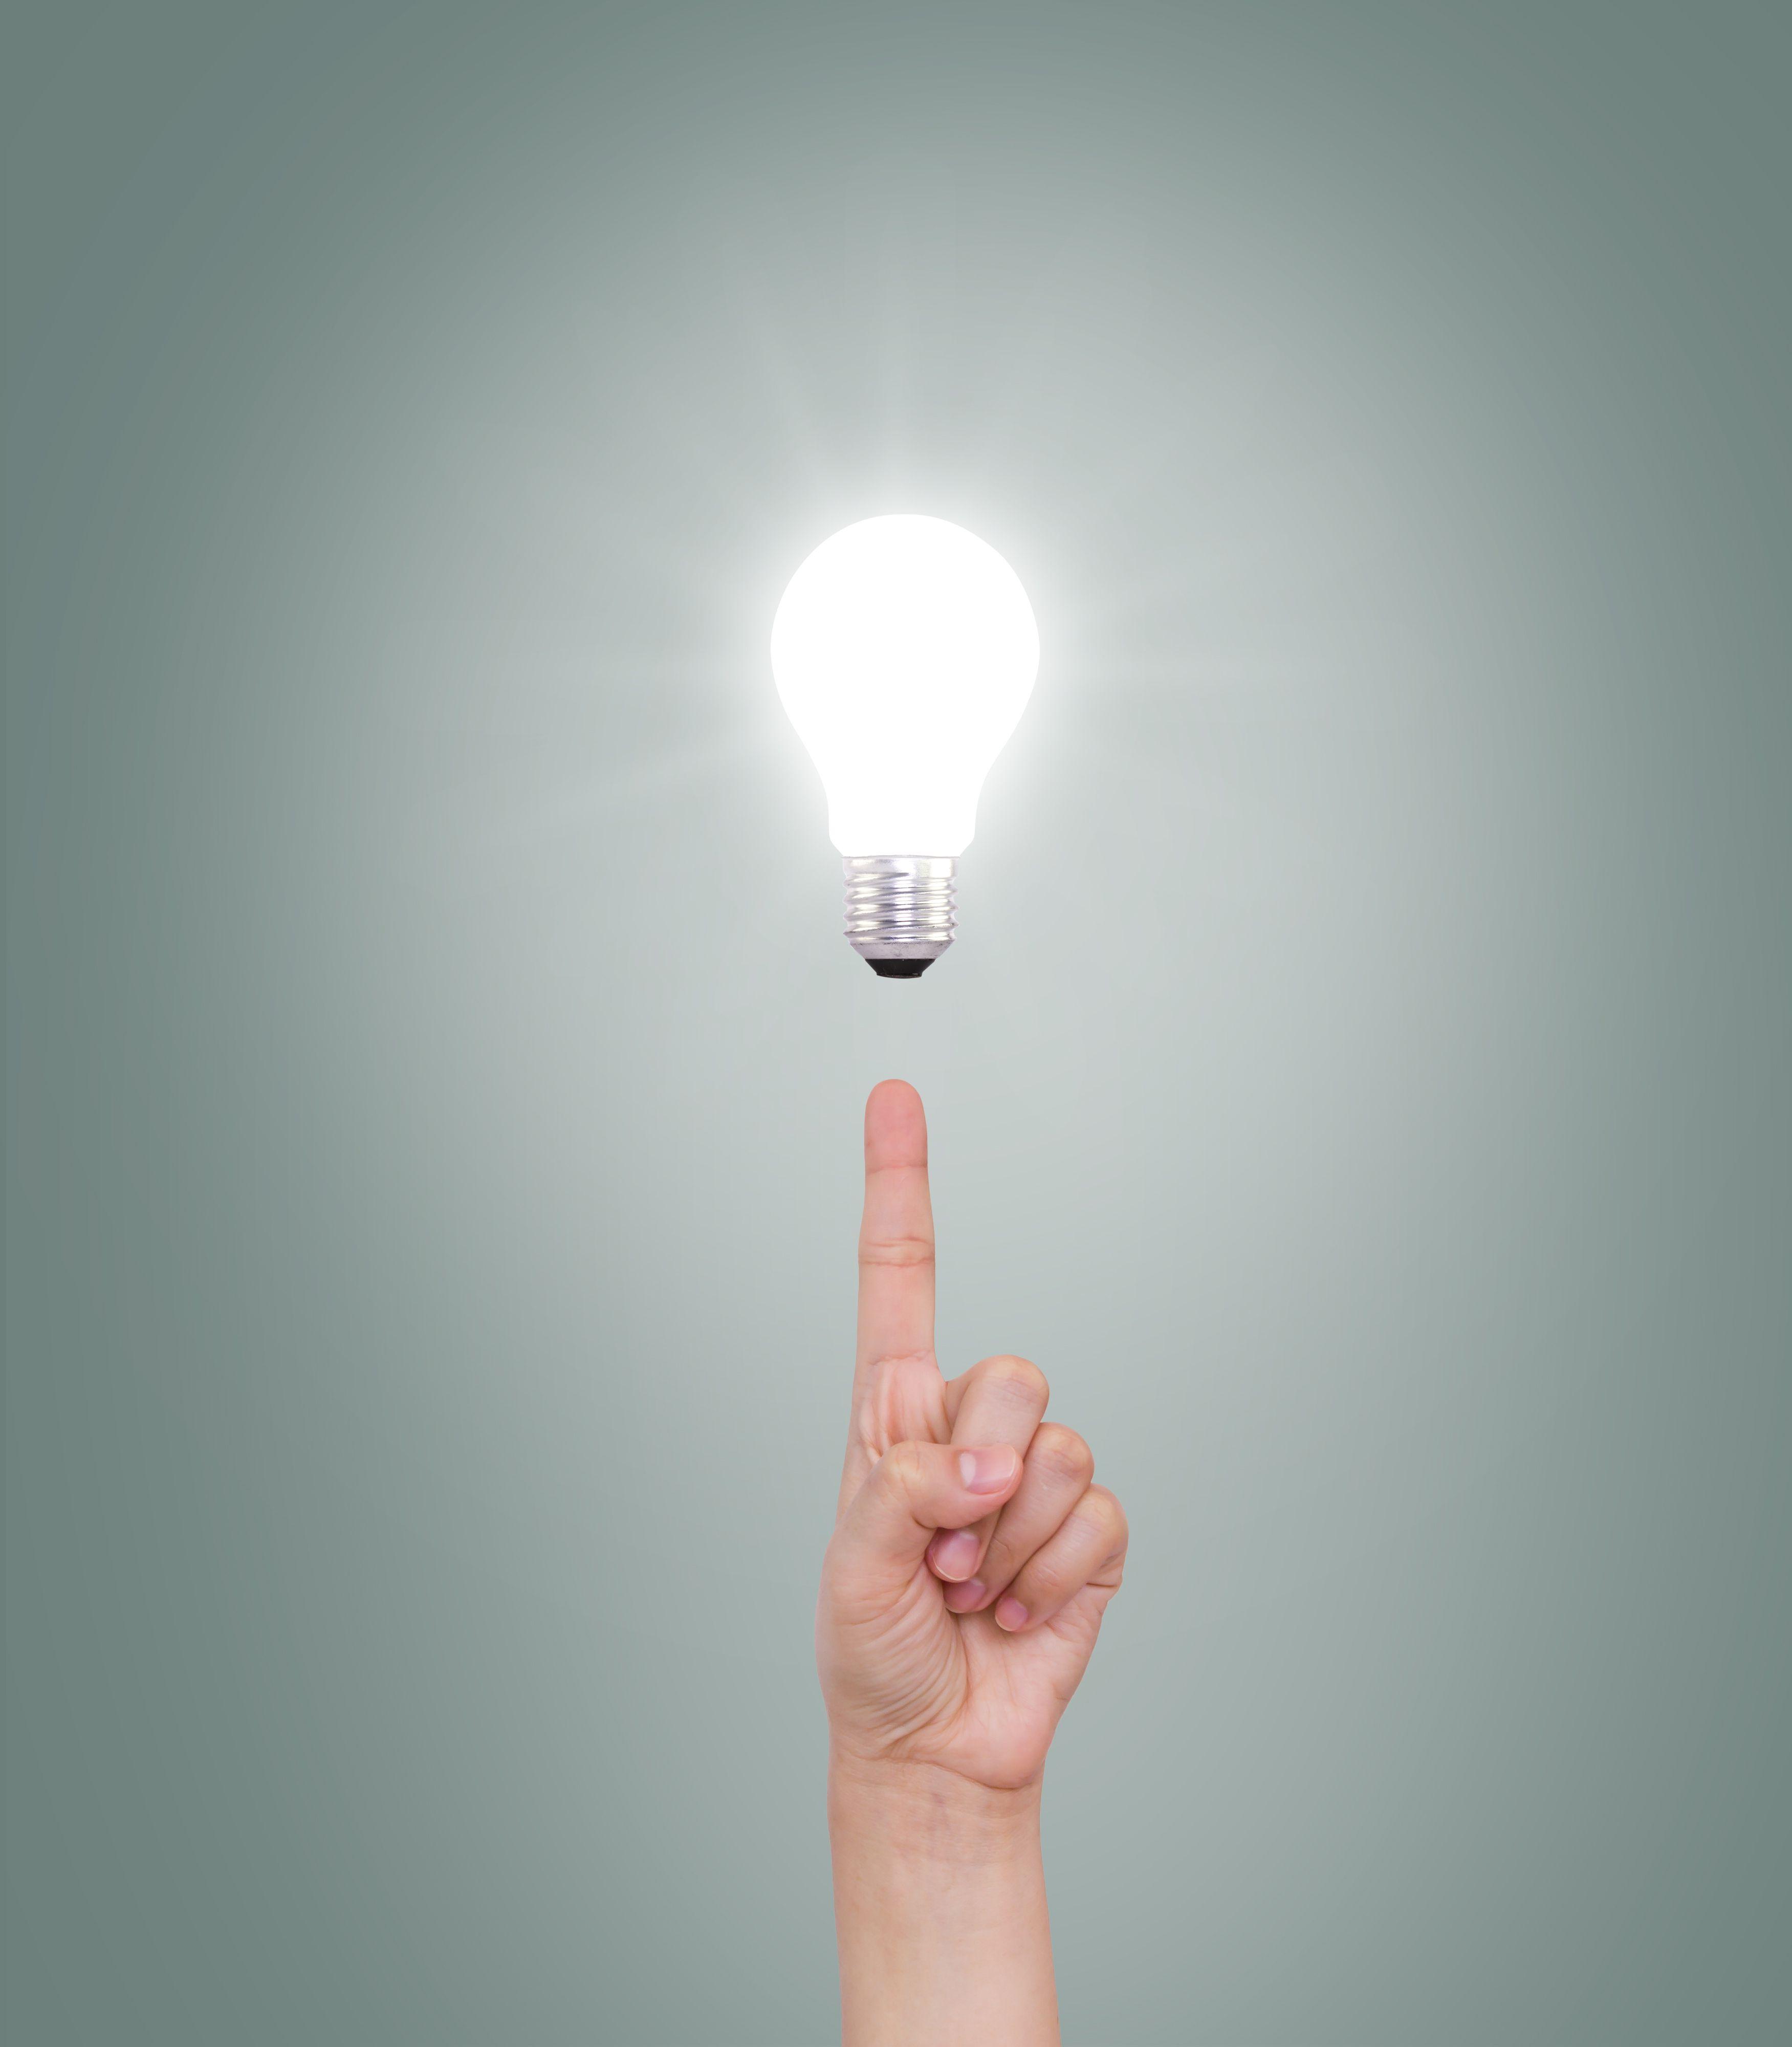 Зажги лампочку с помощью пальцев